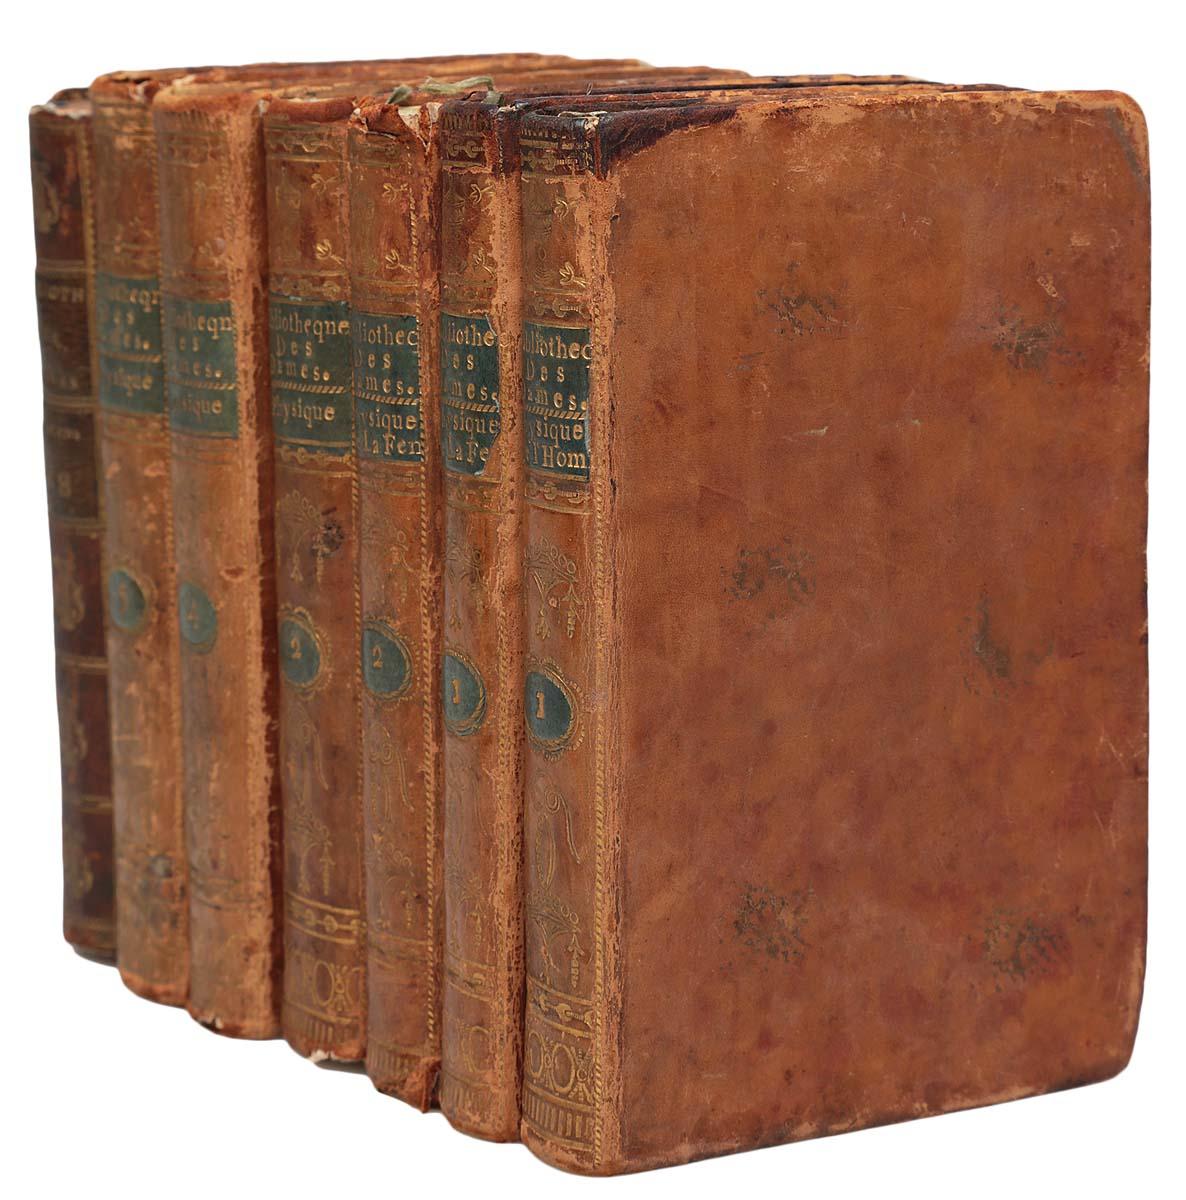 Bibliotheque Universelle Des Dames (комплект из 7 книг)5626038Париж, 1787-1792 гг. Rue et Hotel Serpente.Владельческие цельнокожаные переплеты с золотым тиснением на корешке.Сохранность хорошая.В серии Универсальная библиотека для дам (1785-1797) вышло около 156 томов.Универсальная библиотека для дам дам была задумана как собрание работ, позволяющее обеспечить общее образование, в легко доступной форме для женщин определенного класса; в серии можно было найти все, что может представлять полезные и нужные знания: путешествия, история, философия, художественная литература, наука и искусство.Издание не подлежит вывозу за пределы Российской Федерации.